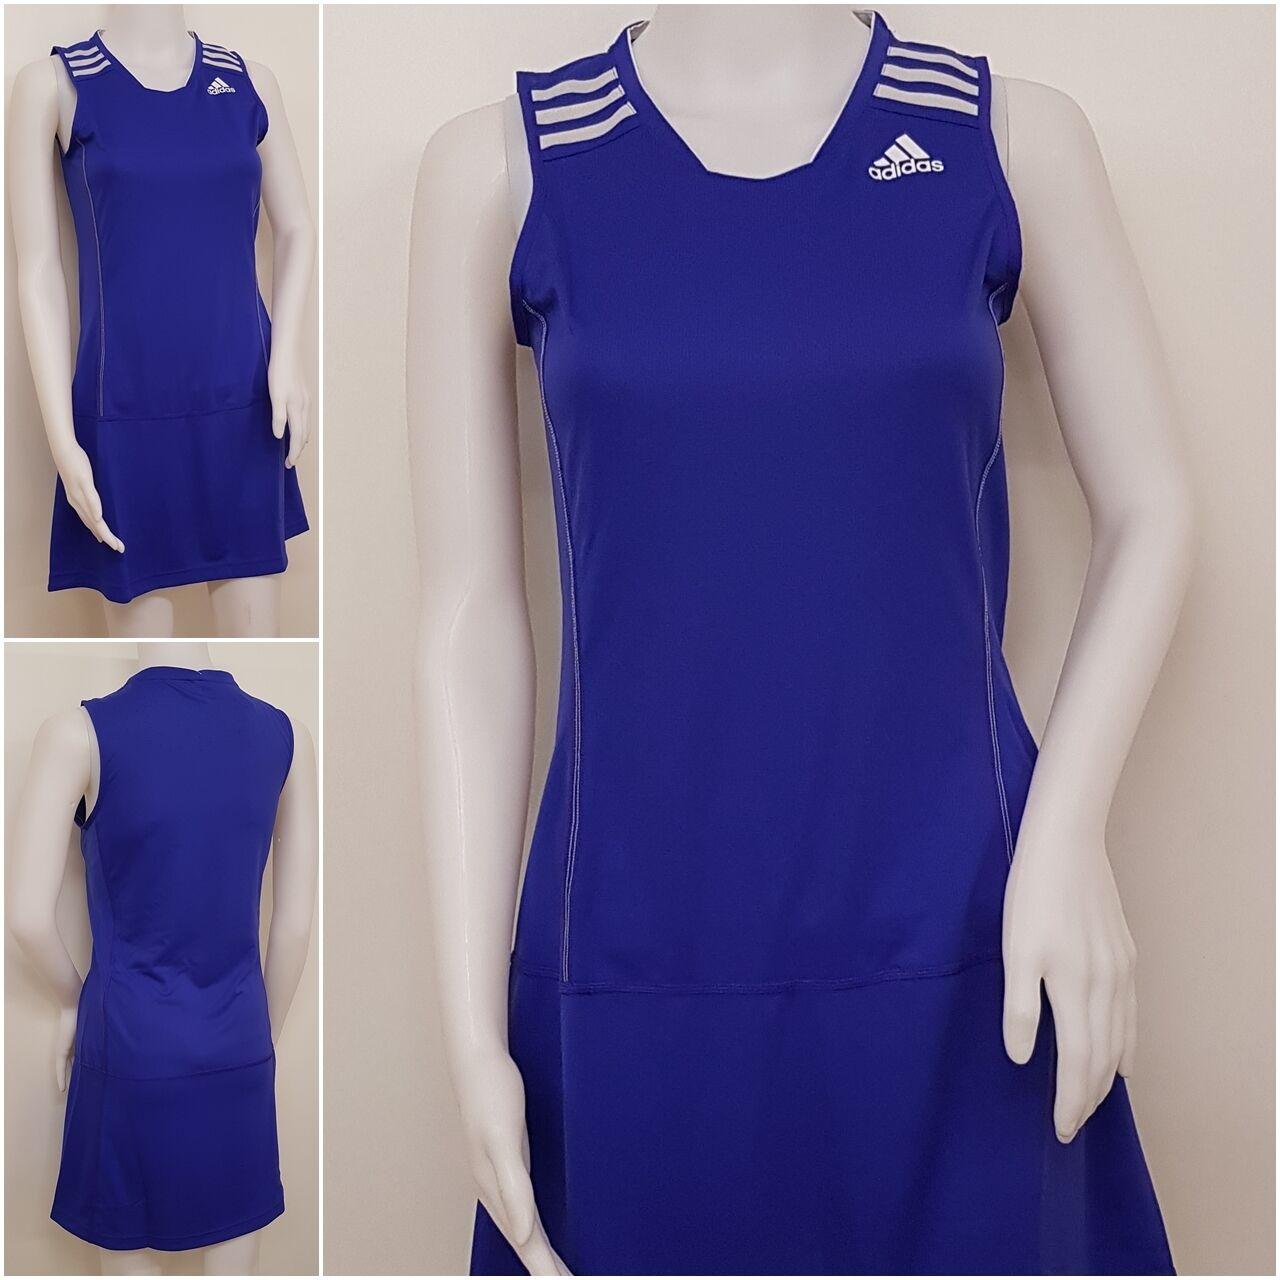 Blau Neu @339 Adidas Damen Badminton Rock G85182 W Bt Skort m